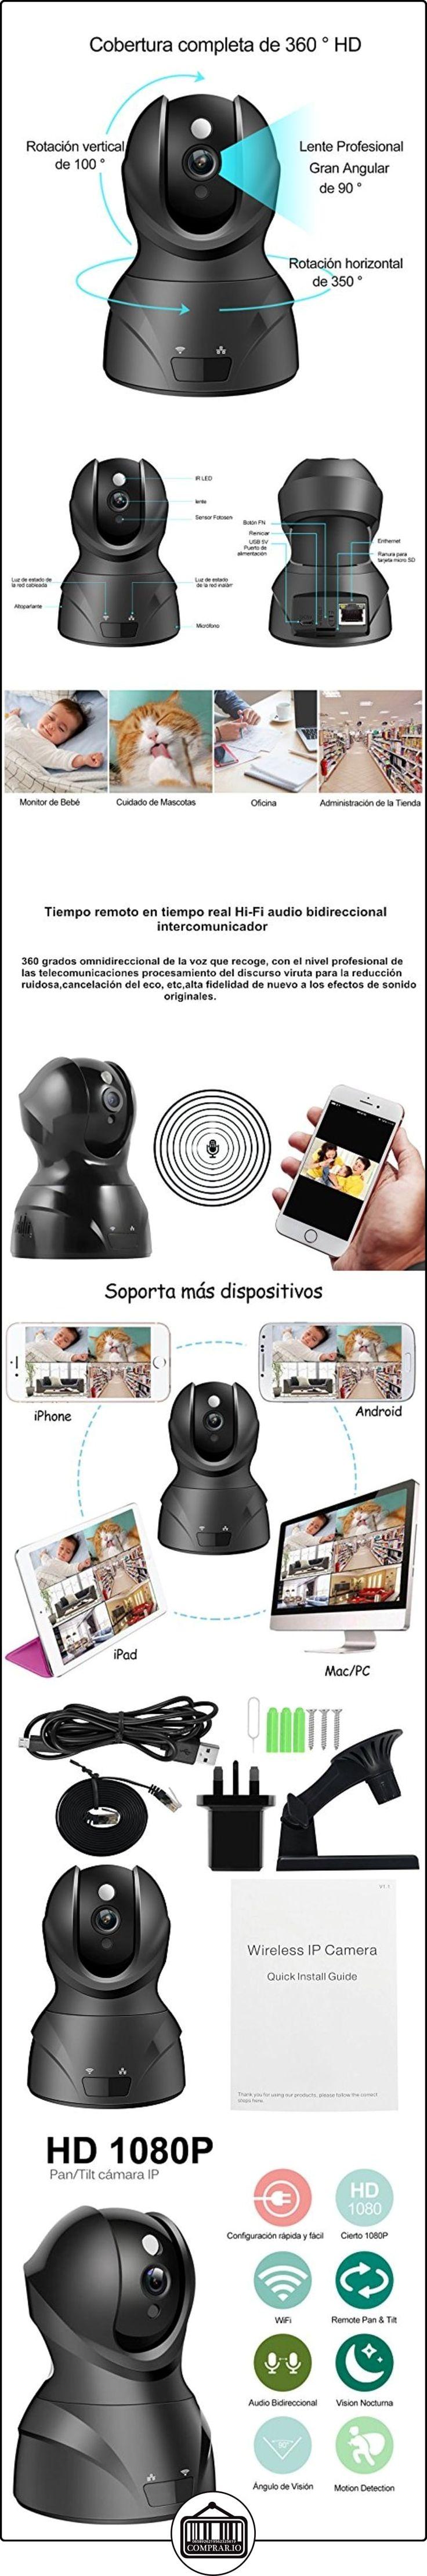 Monitor de bebé 1080P HD Wifi inalámbrico Red de cámaras de vigilancia de seguridad IP con visión nocturna  ✿ Vigilabebés - Seguridad ✿ ▬► Ver oferta: http://comprar.io/goto/B06XHJQQN1